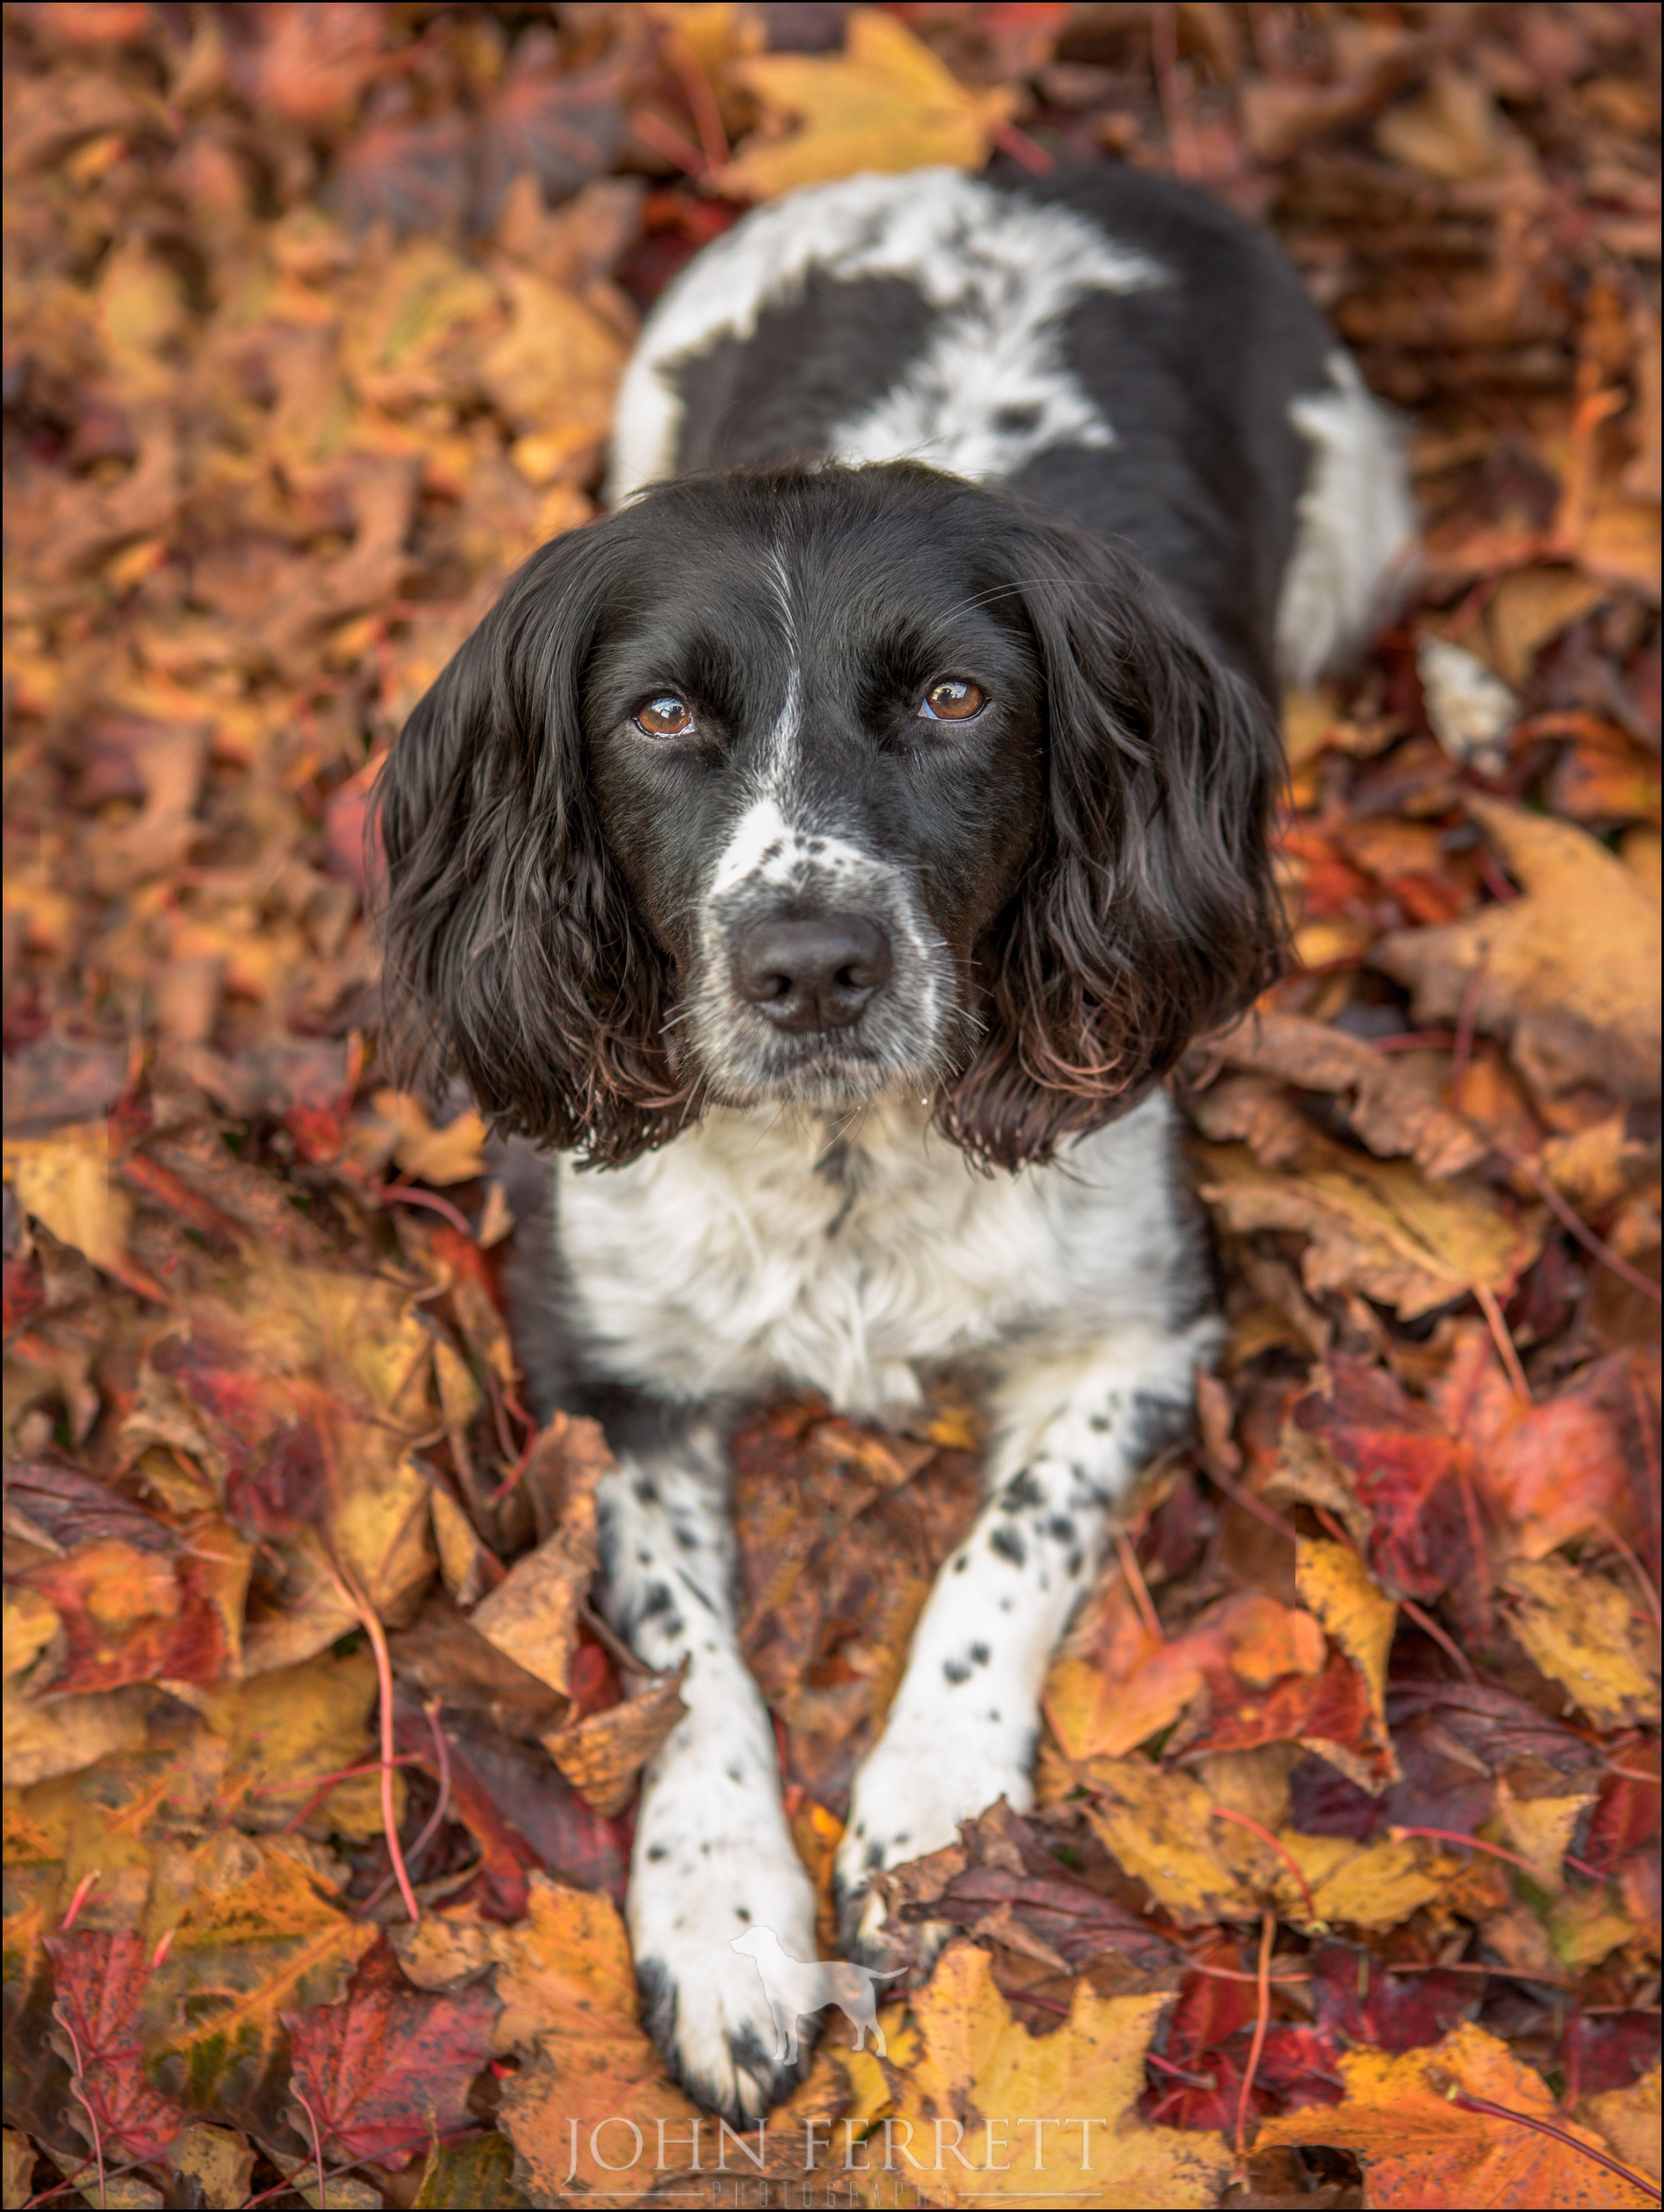 John Ferrett English Springer Spaniel Springer Spaniel Dog Photograph